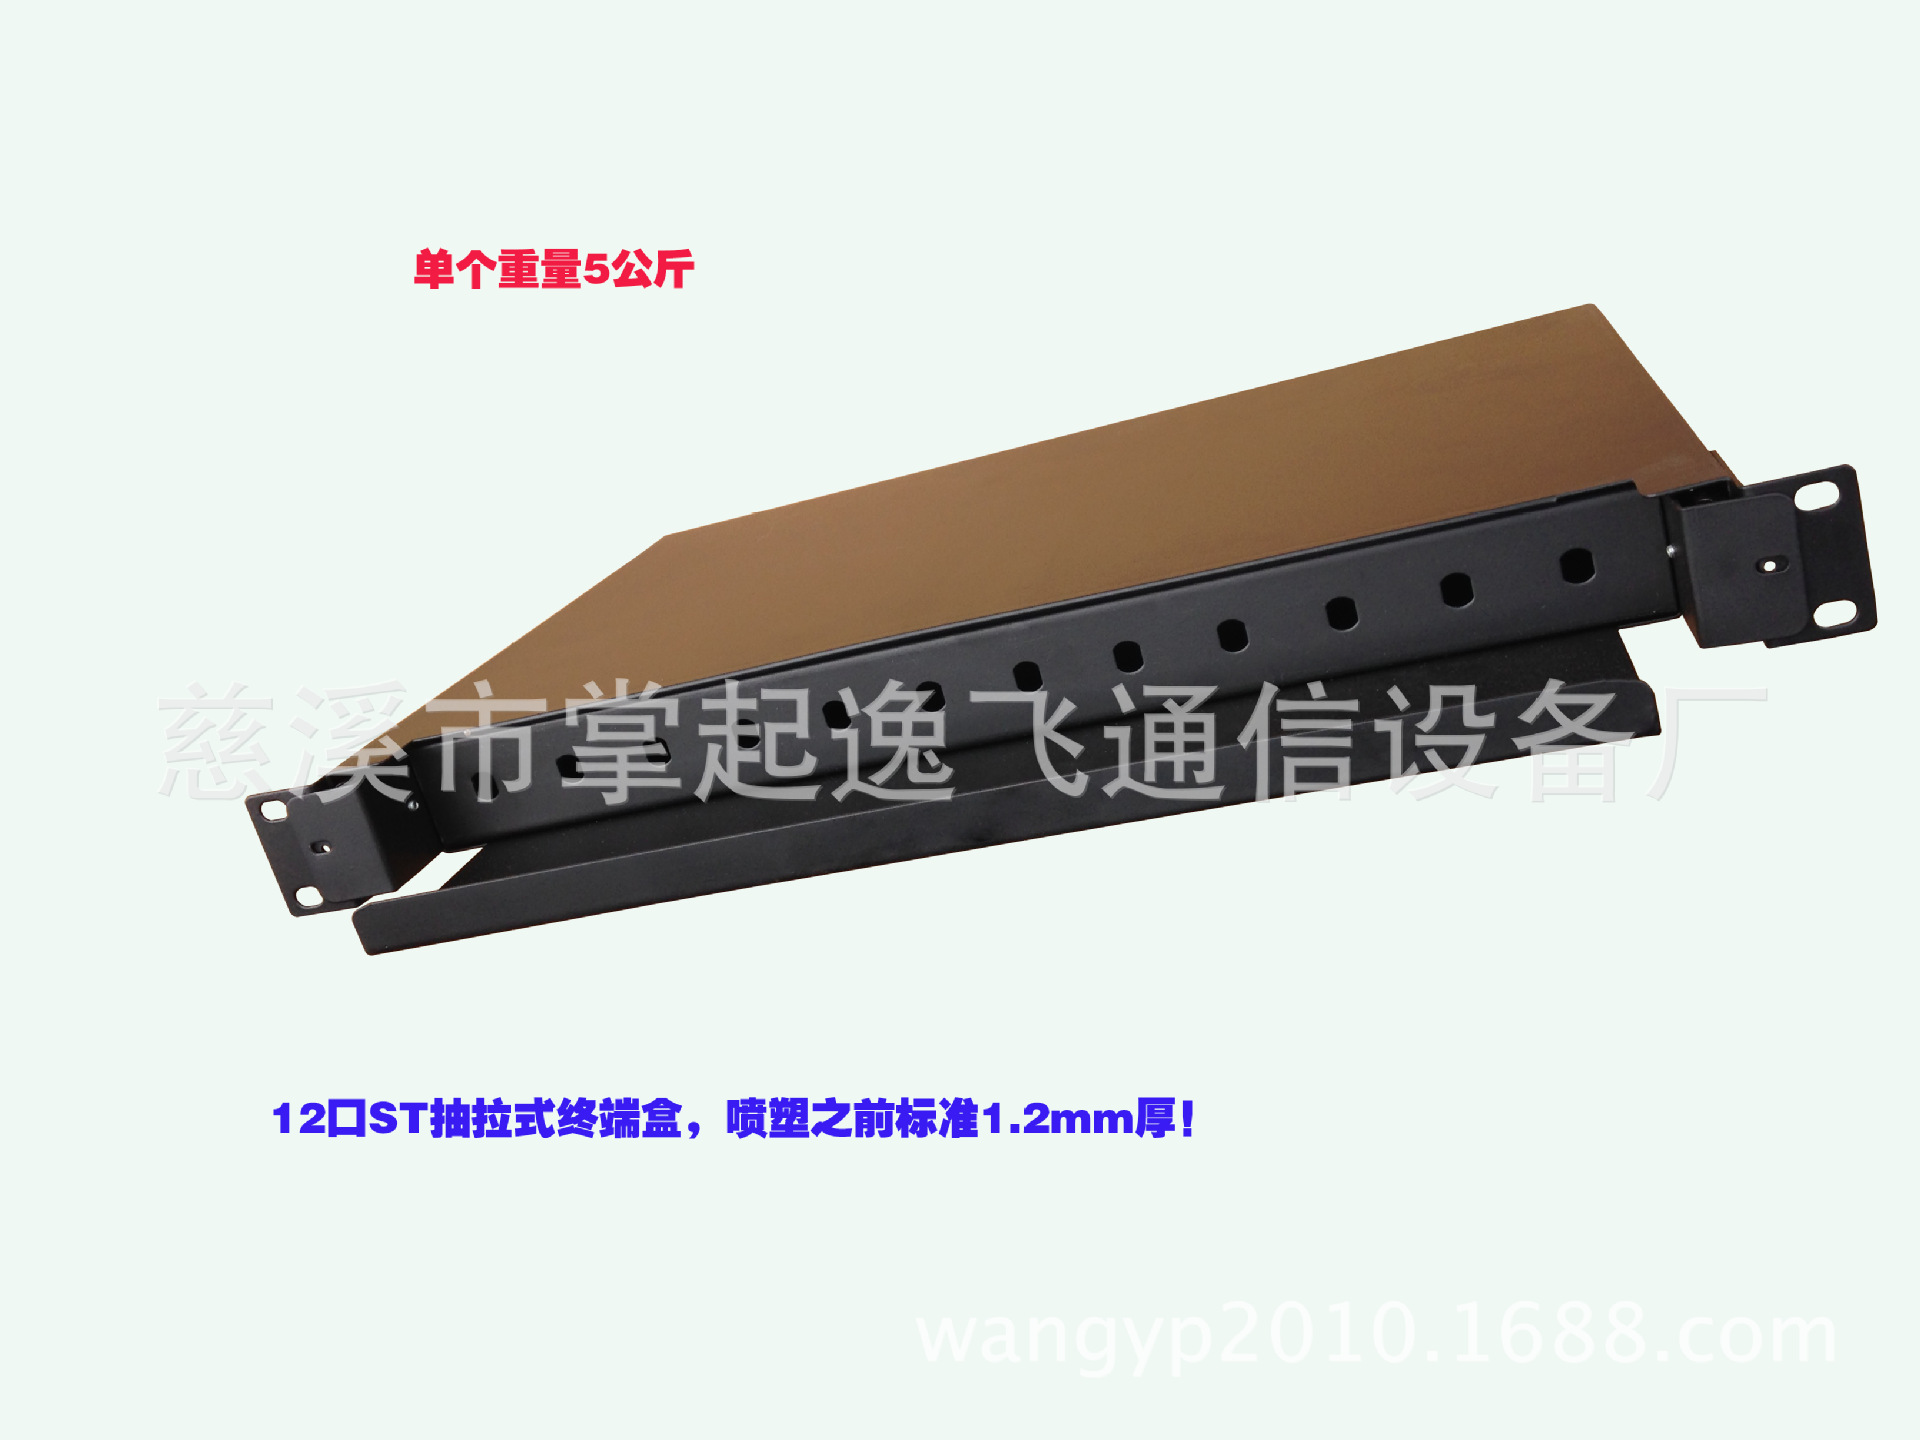 12口ST抽拉式终端盒(2)